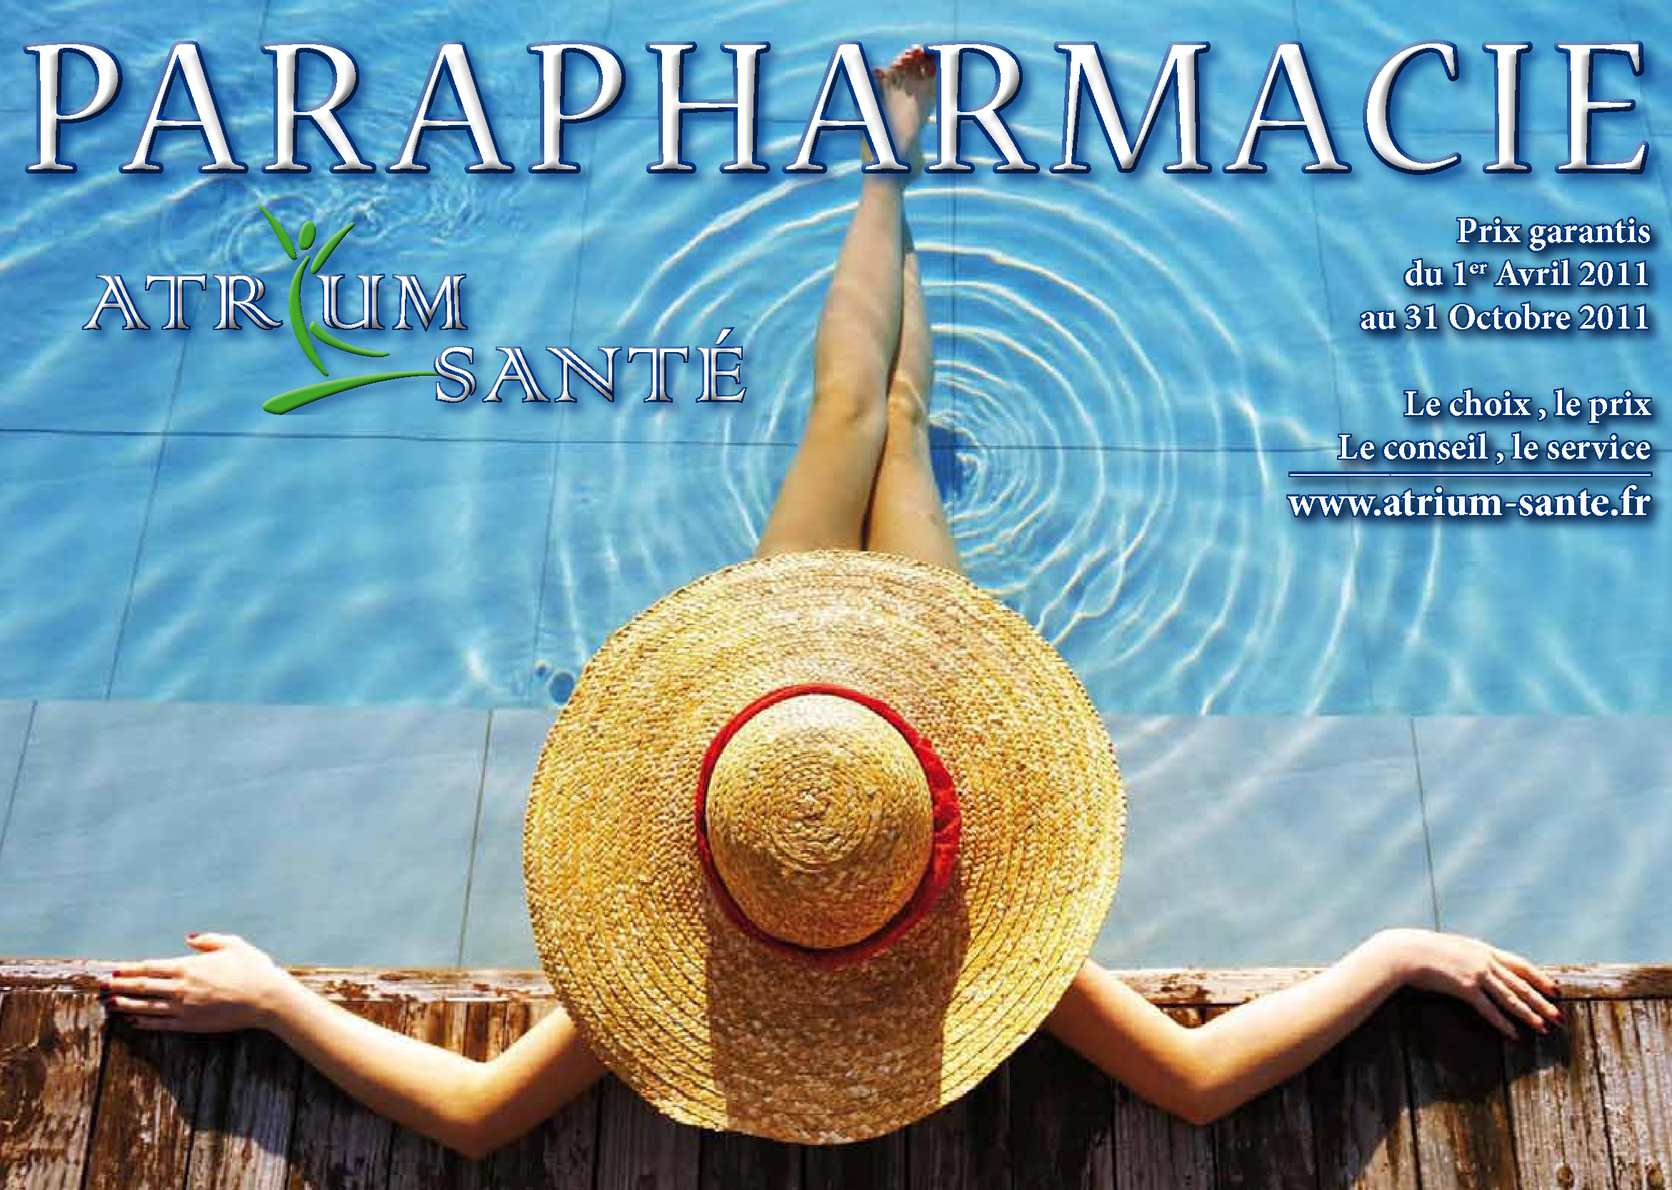 Calaméo - Parapharmacie - Catalogue Atrium-Santé - Avril 2011 fa86da05156